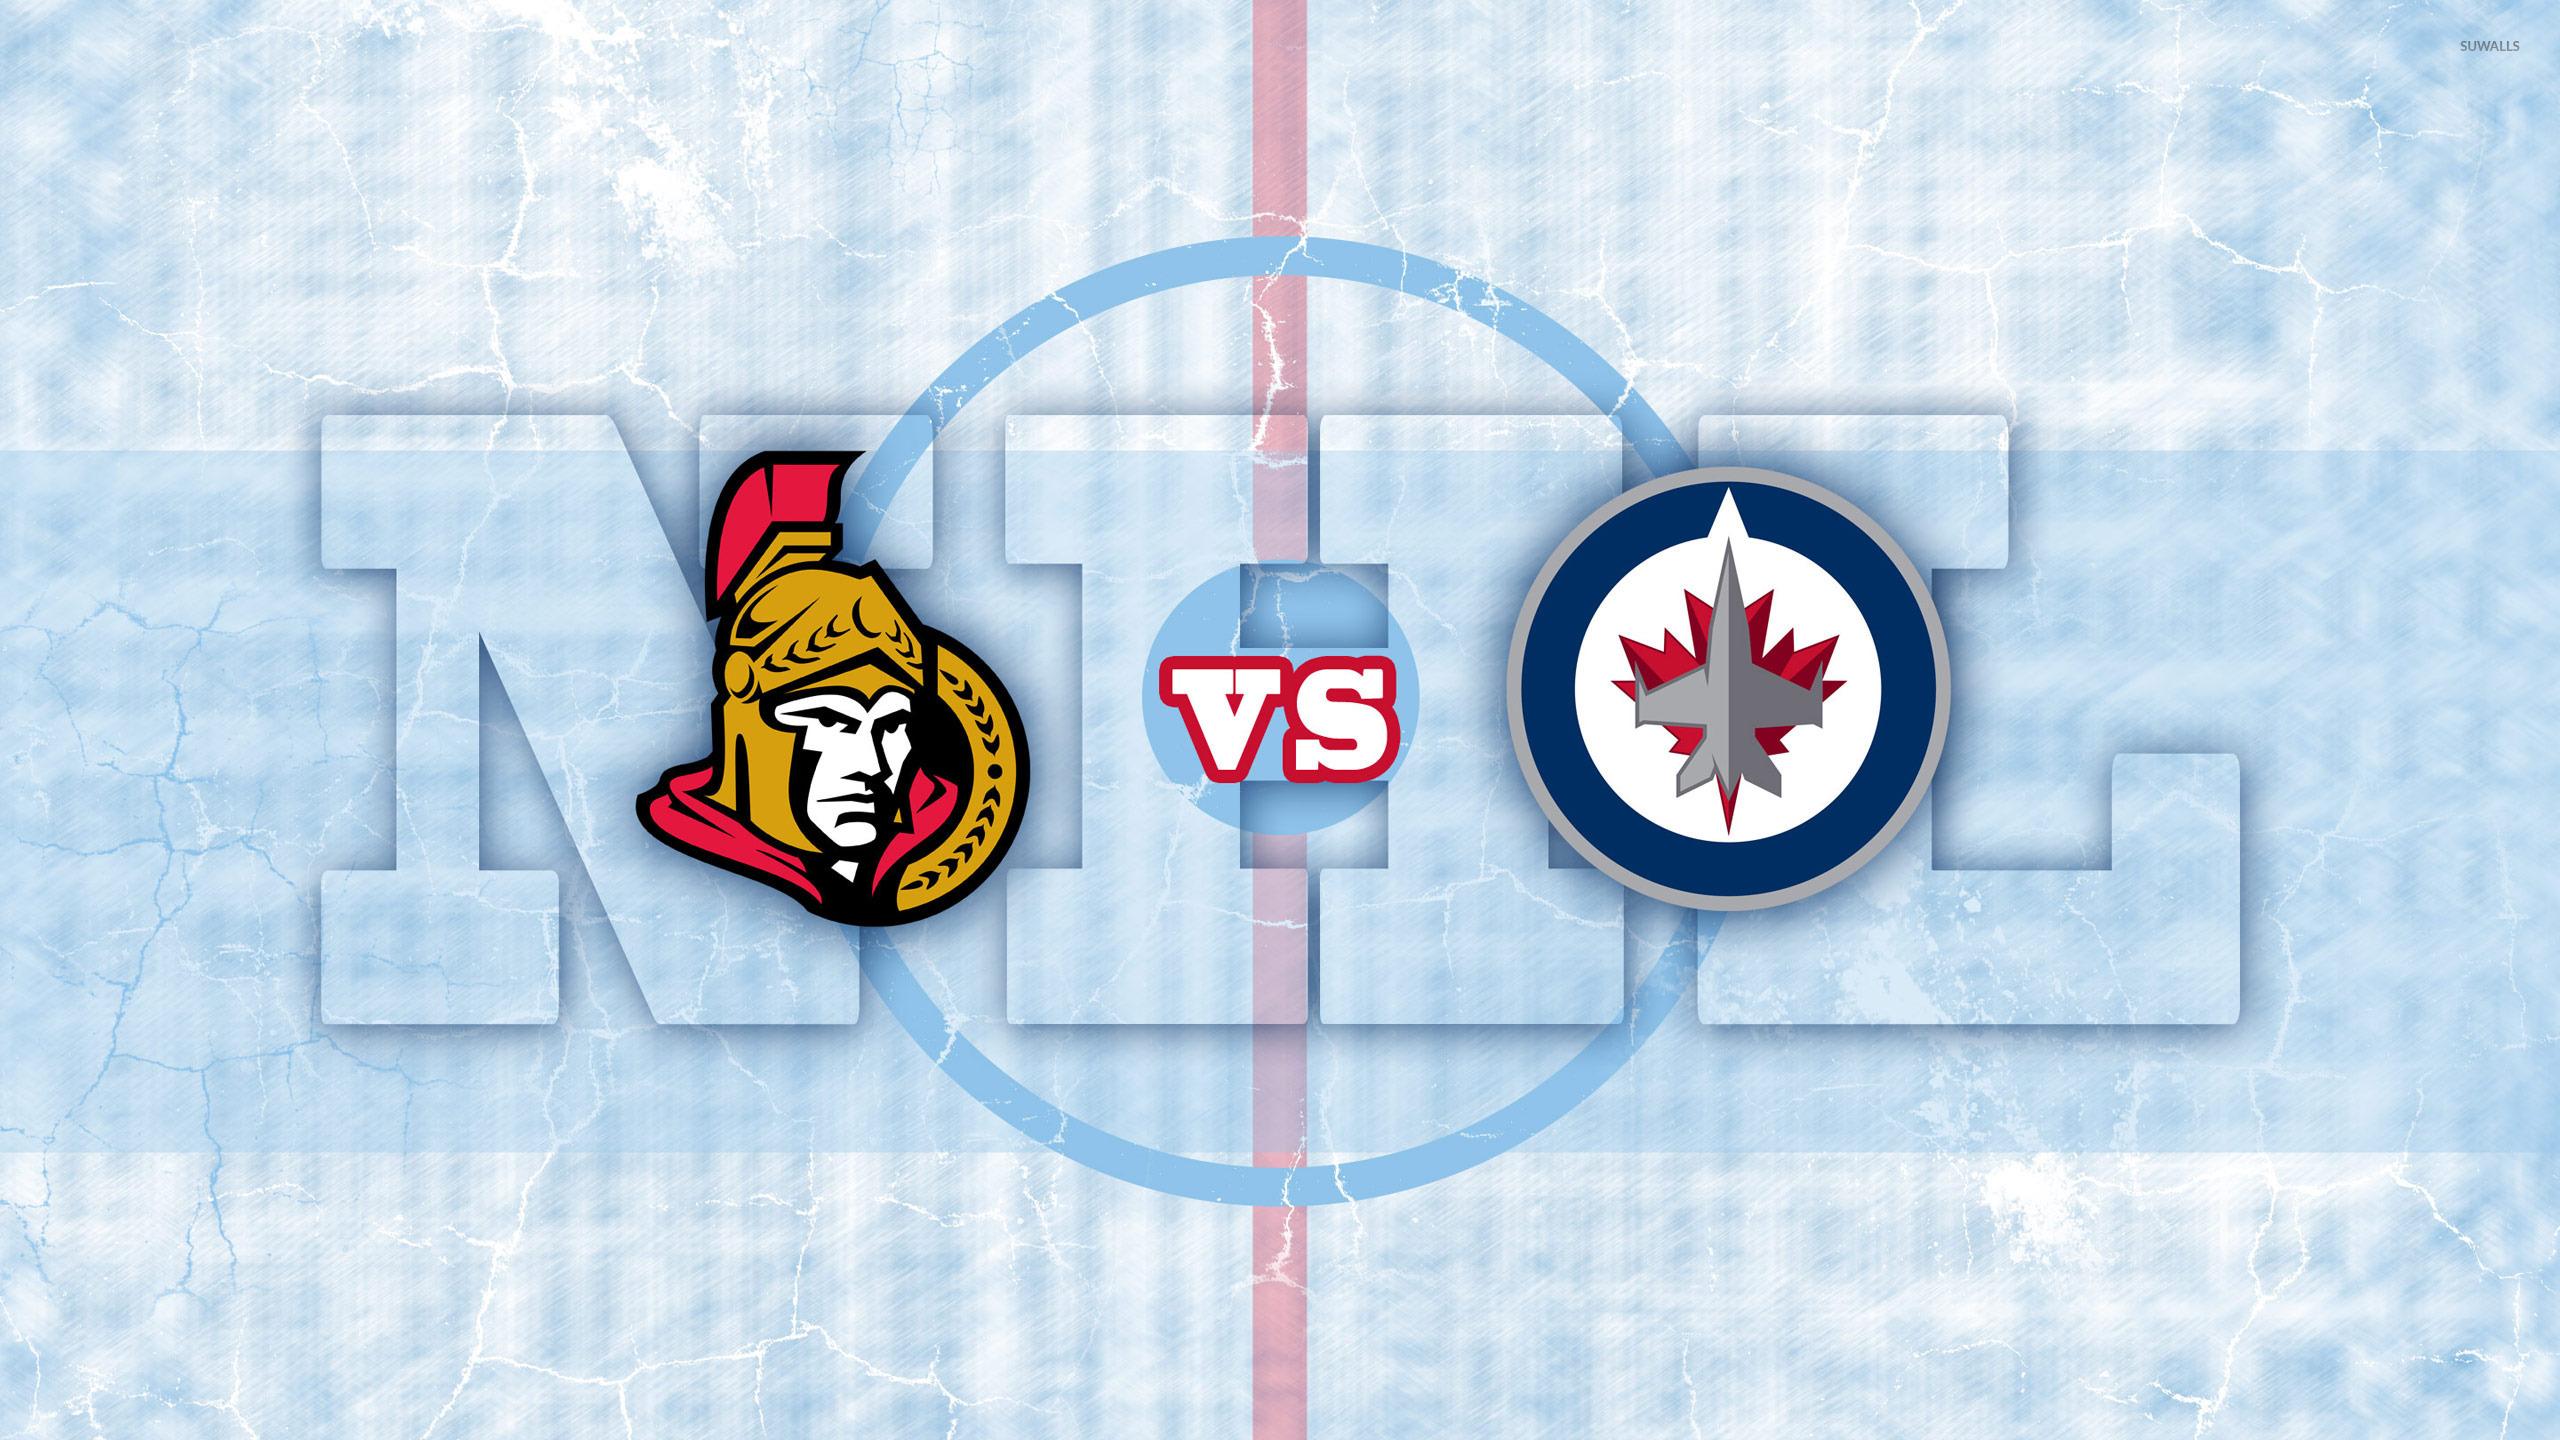 Ottawa Senators Vs Winnipeg Jets Wallpaper Sport